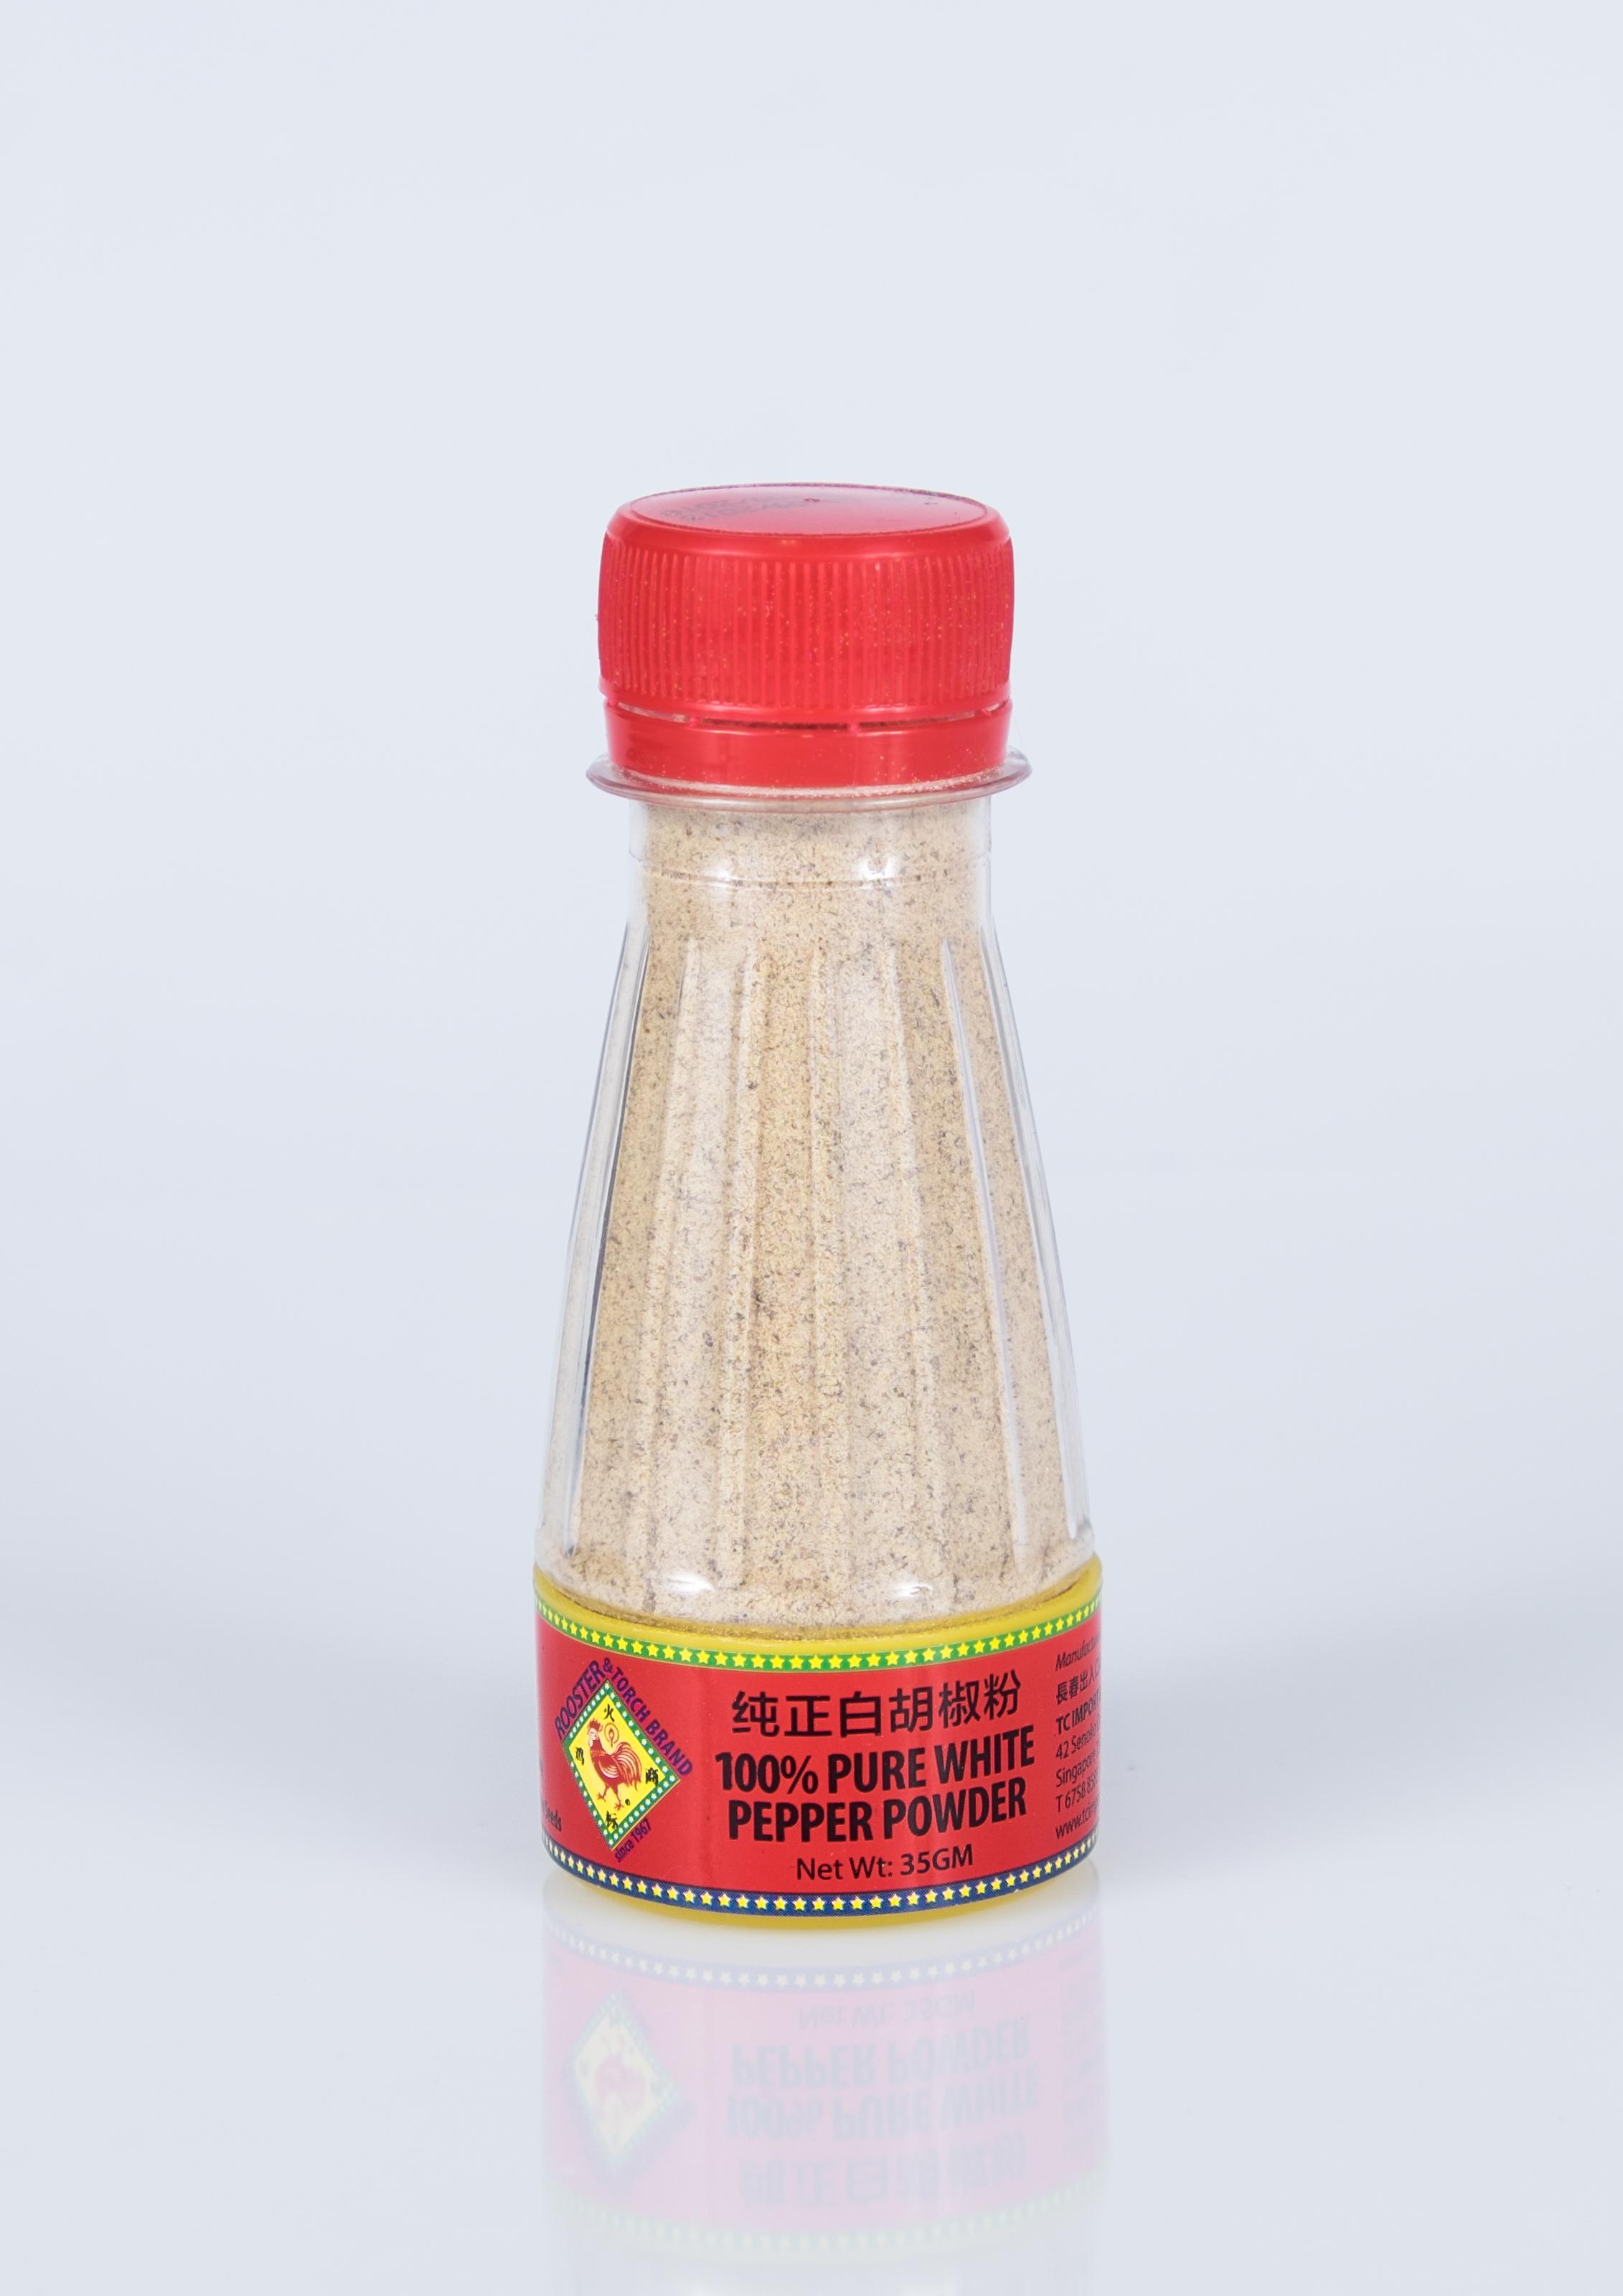 RT White Pepper Powder 35g